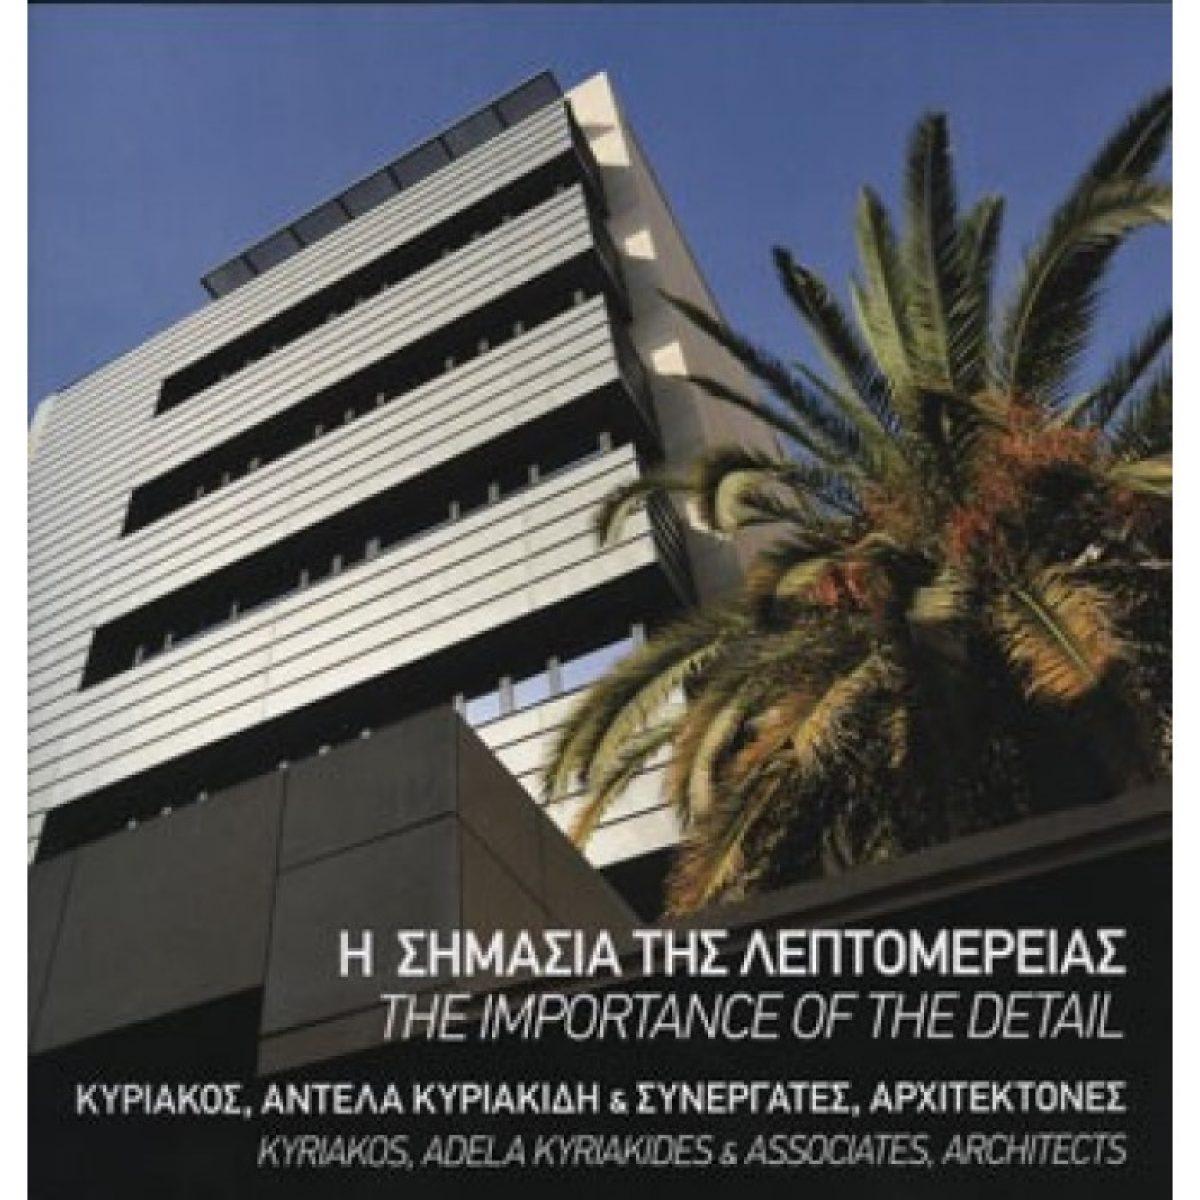 Εκδήλωση «Πανόραμα Σύγχρονης Αρχιτεκτονικής», από τον Σύλλογο Αρχιτεκτόνων Λάρισας